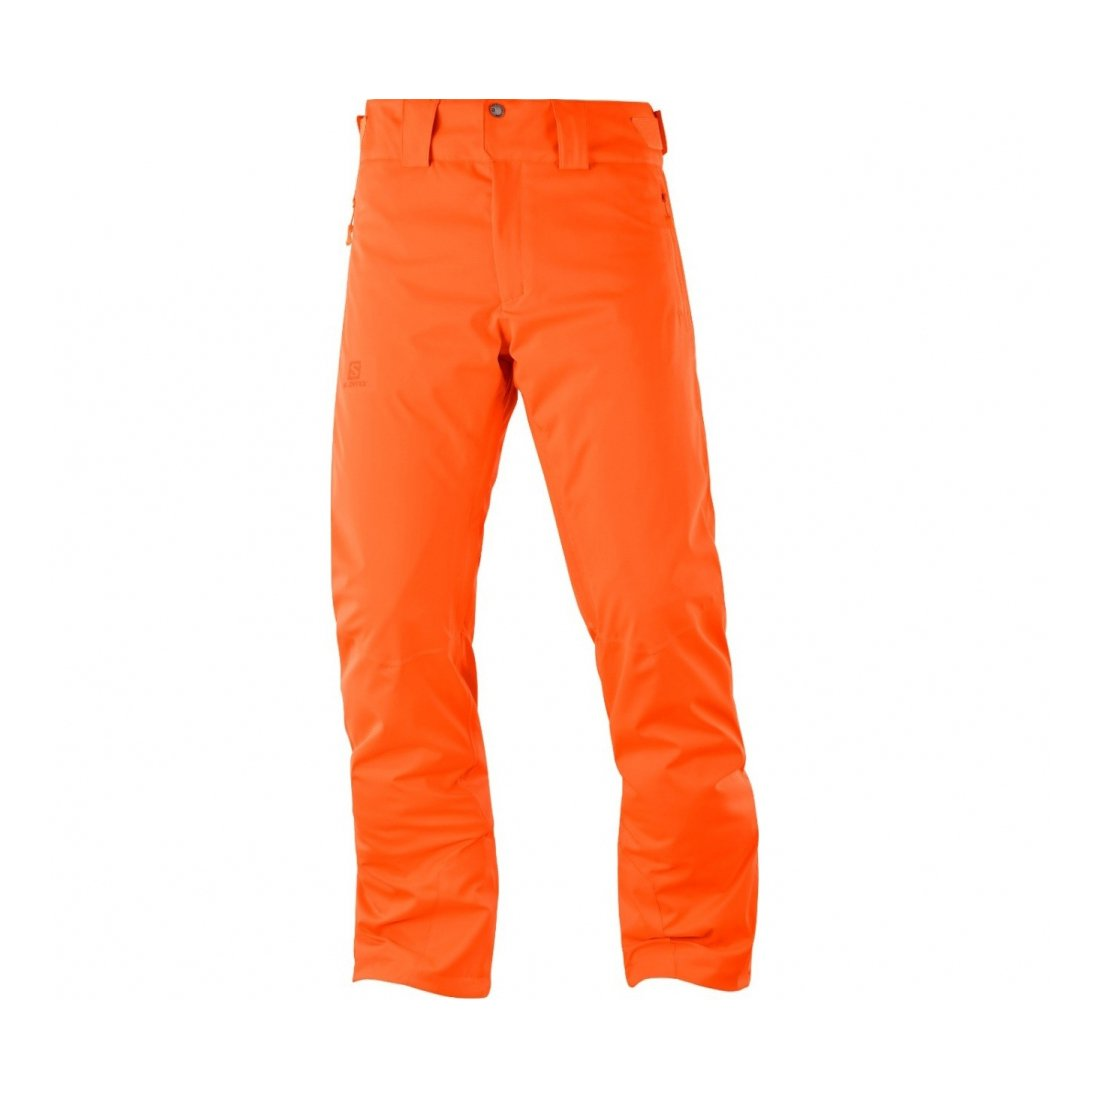 Pánské lyžařské kalhoty - Actisport.cz ba45f36174